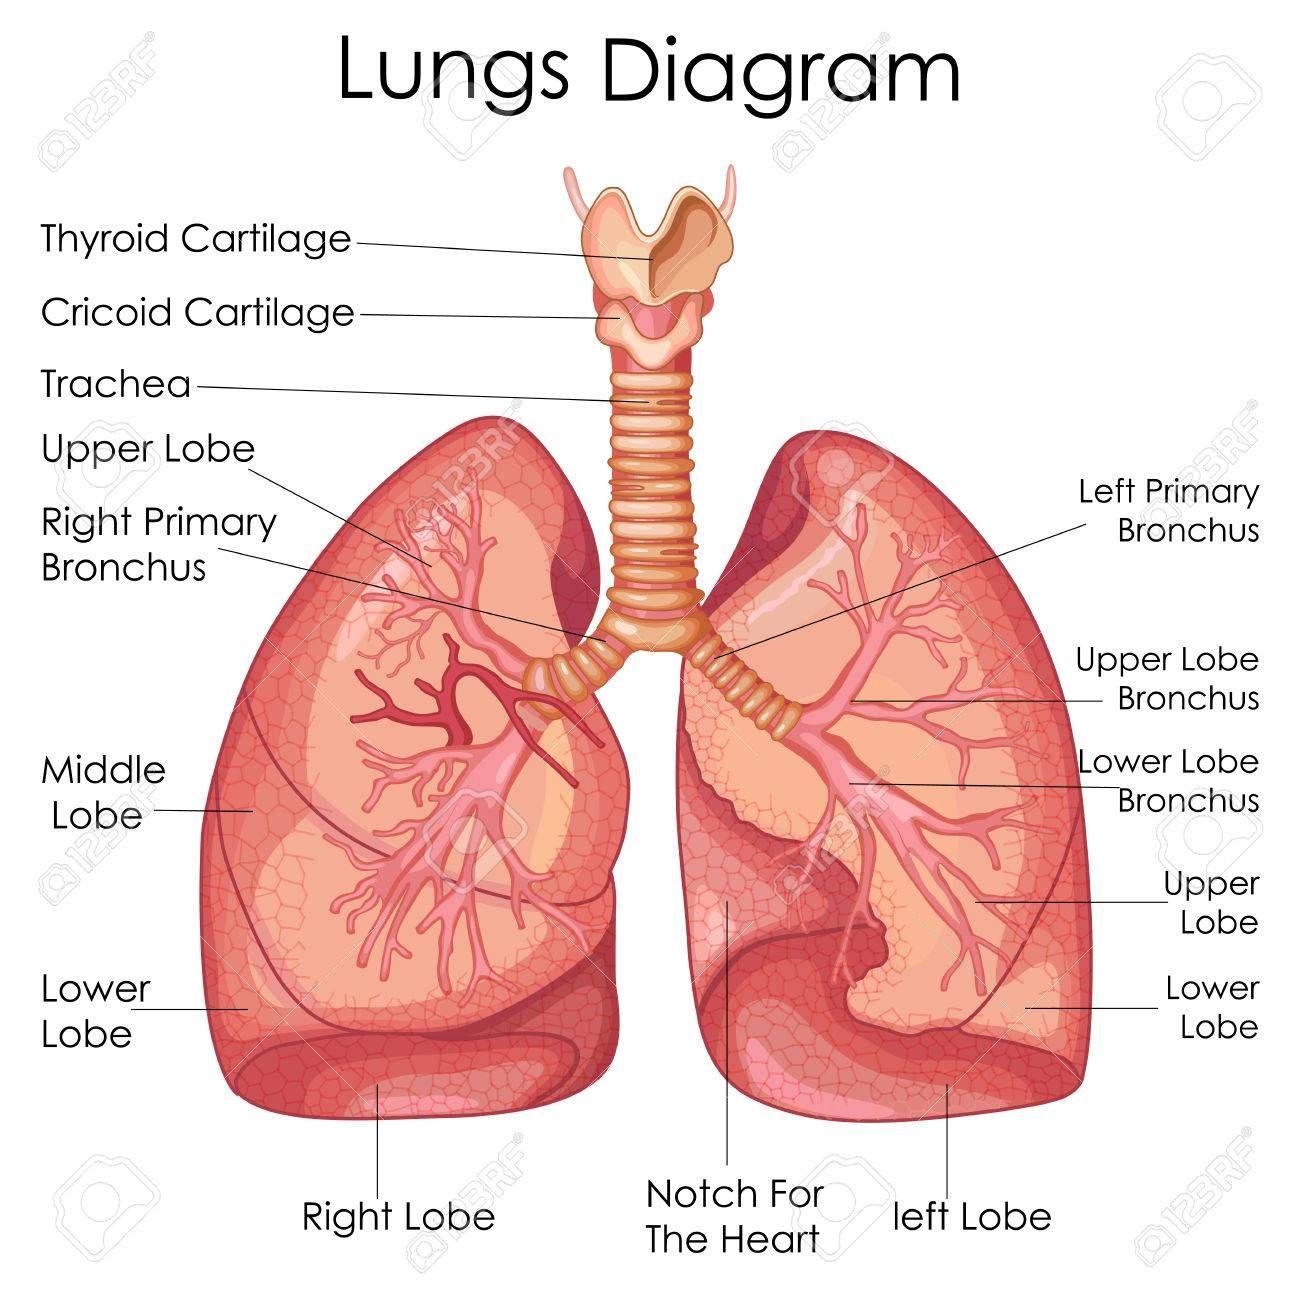 medium resolution of lungs diagram